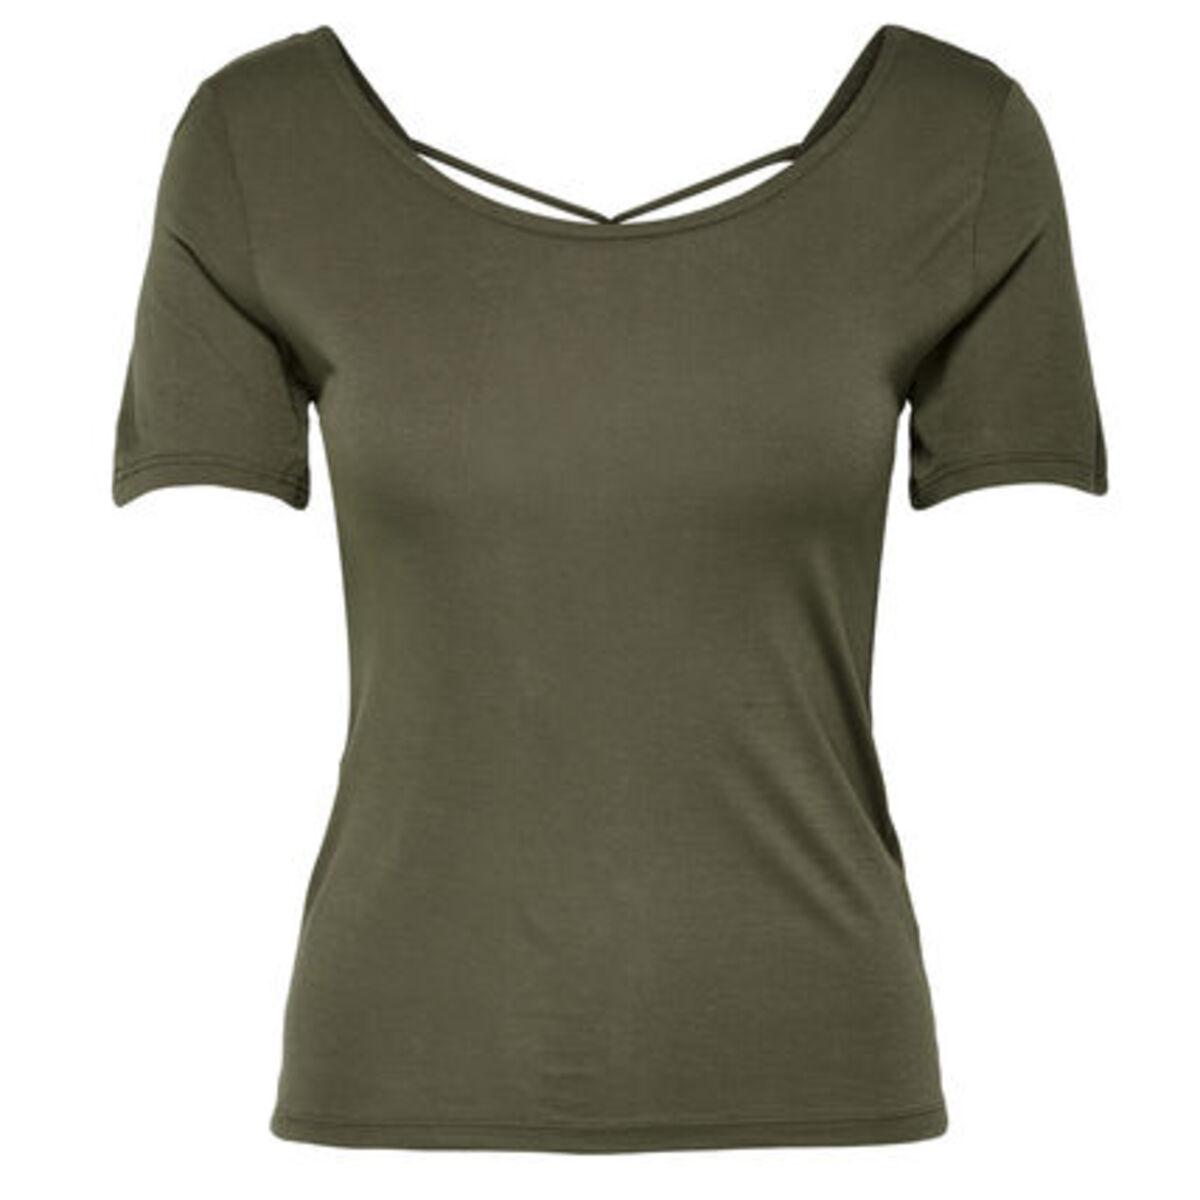 Bild 1 von Only Damen T-Shirt